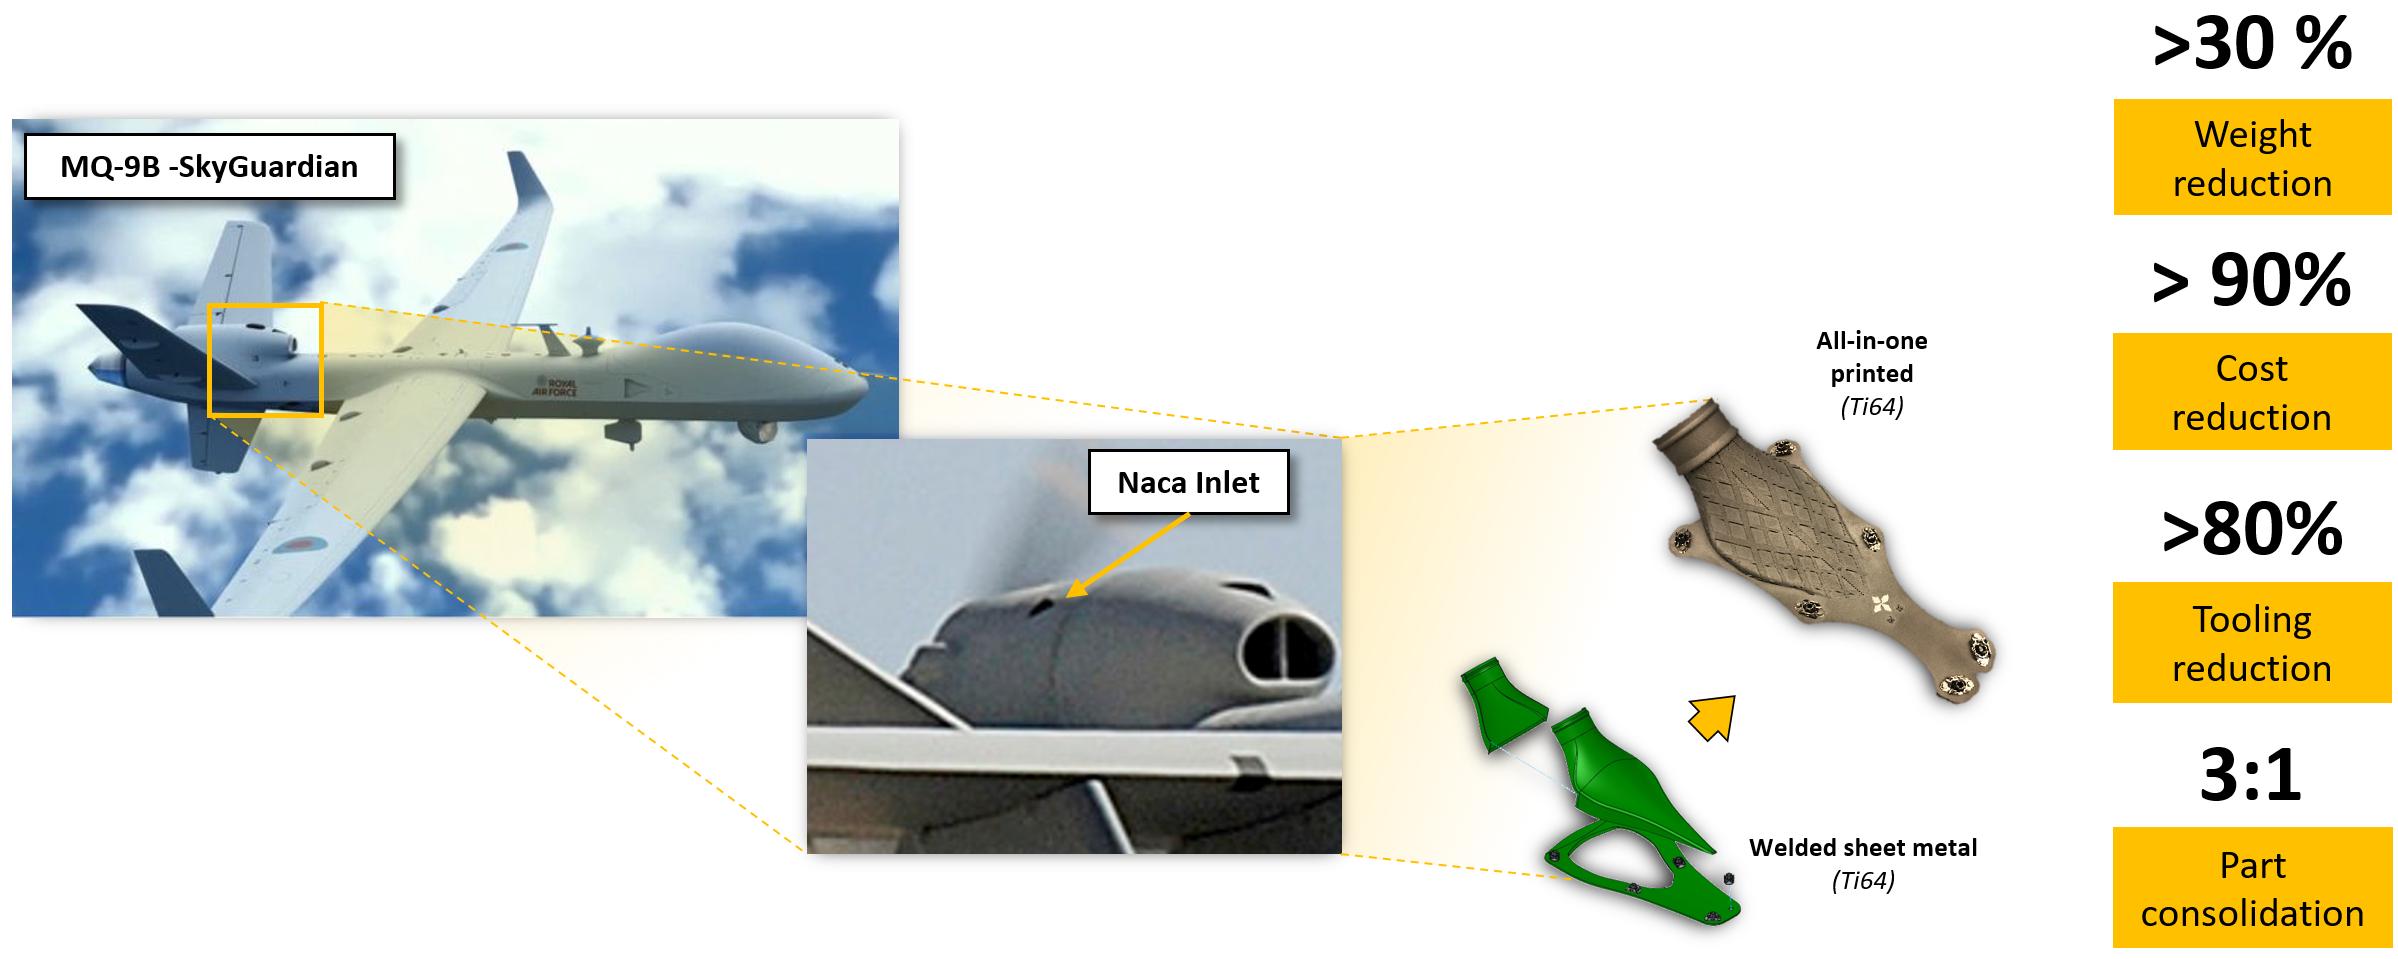 NACA Inlet case Summary. Photo via GA-ASI.